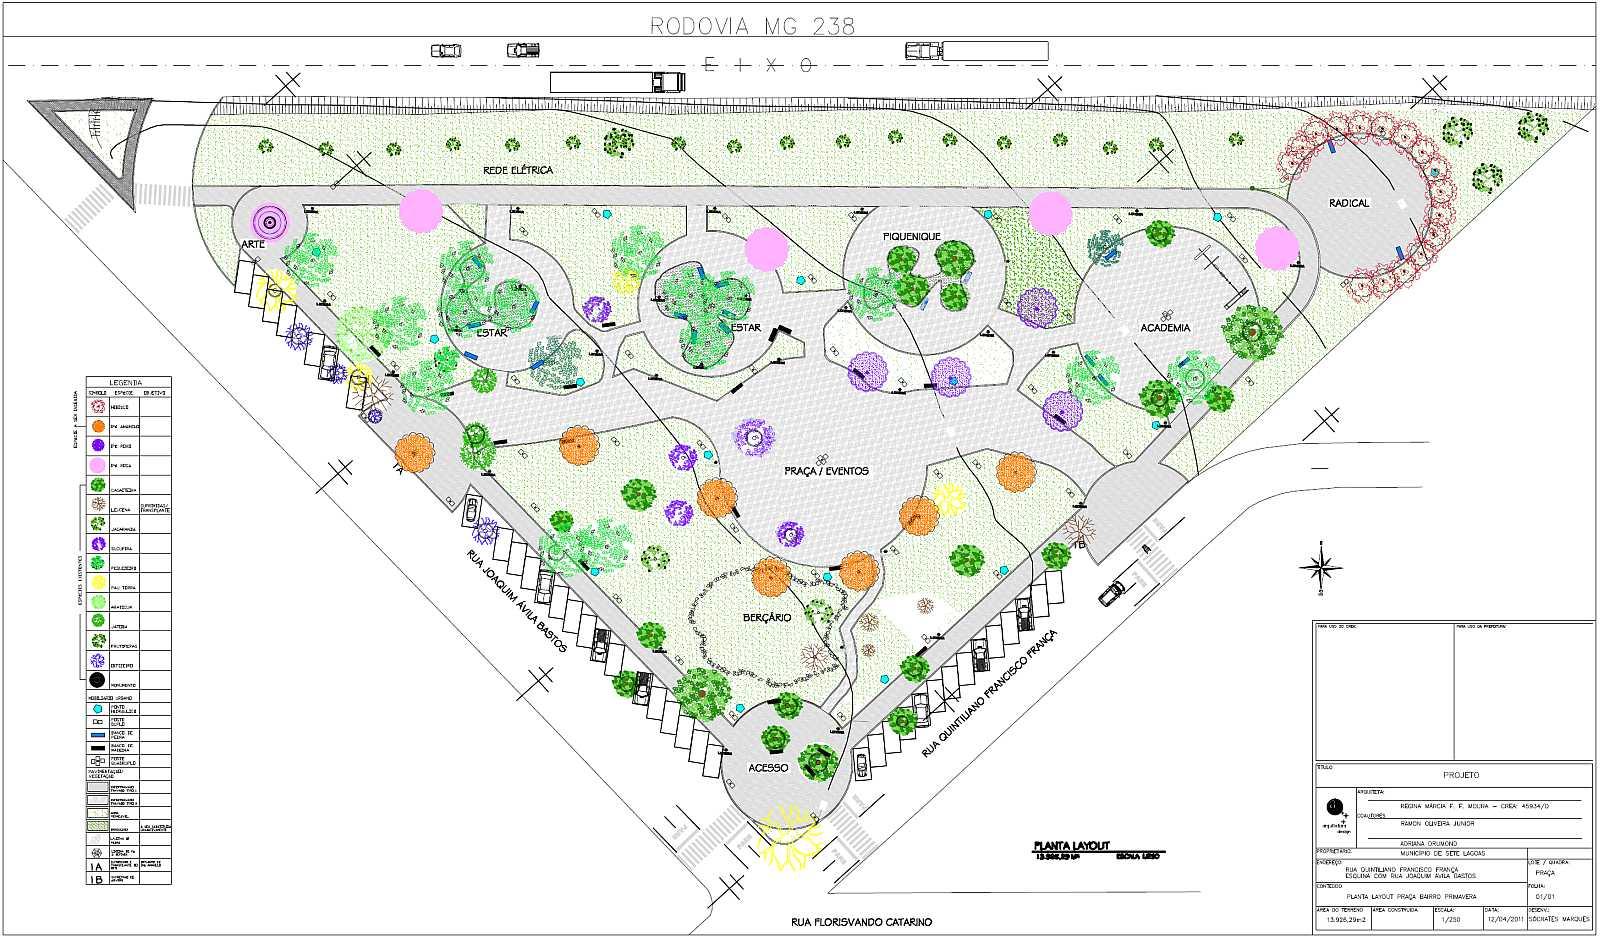 Imagens de #B46917 banco de jardim bloco cad:Abaixo algumas espécies presentes no  1600x938 px 3408 Bloco Cad Banheiro Vista Frontal